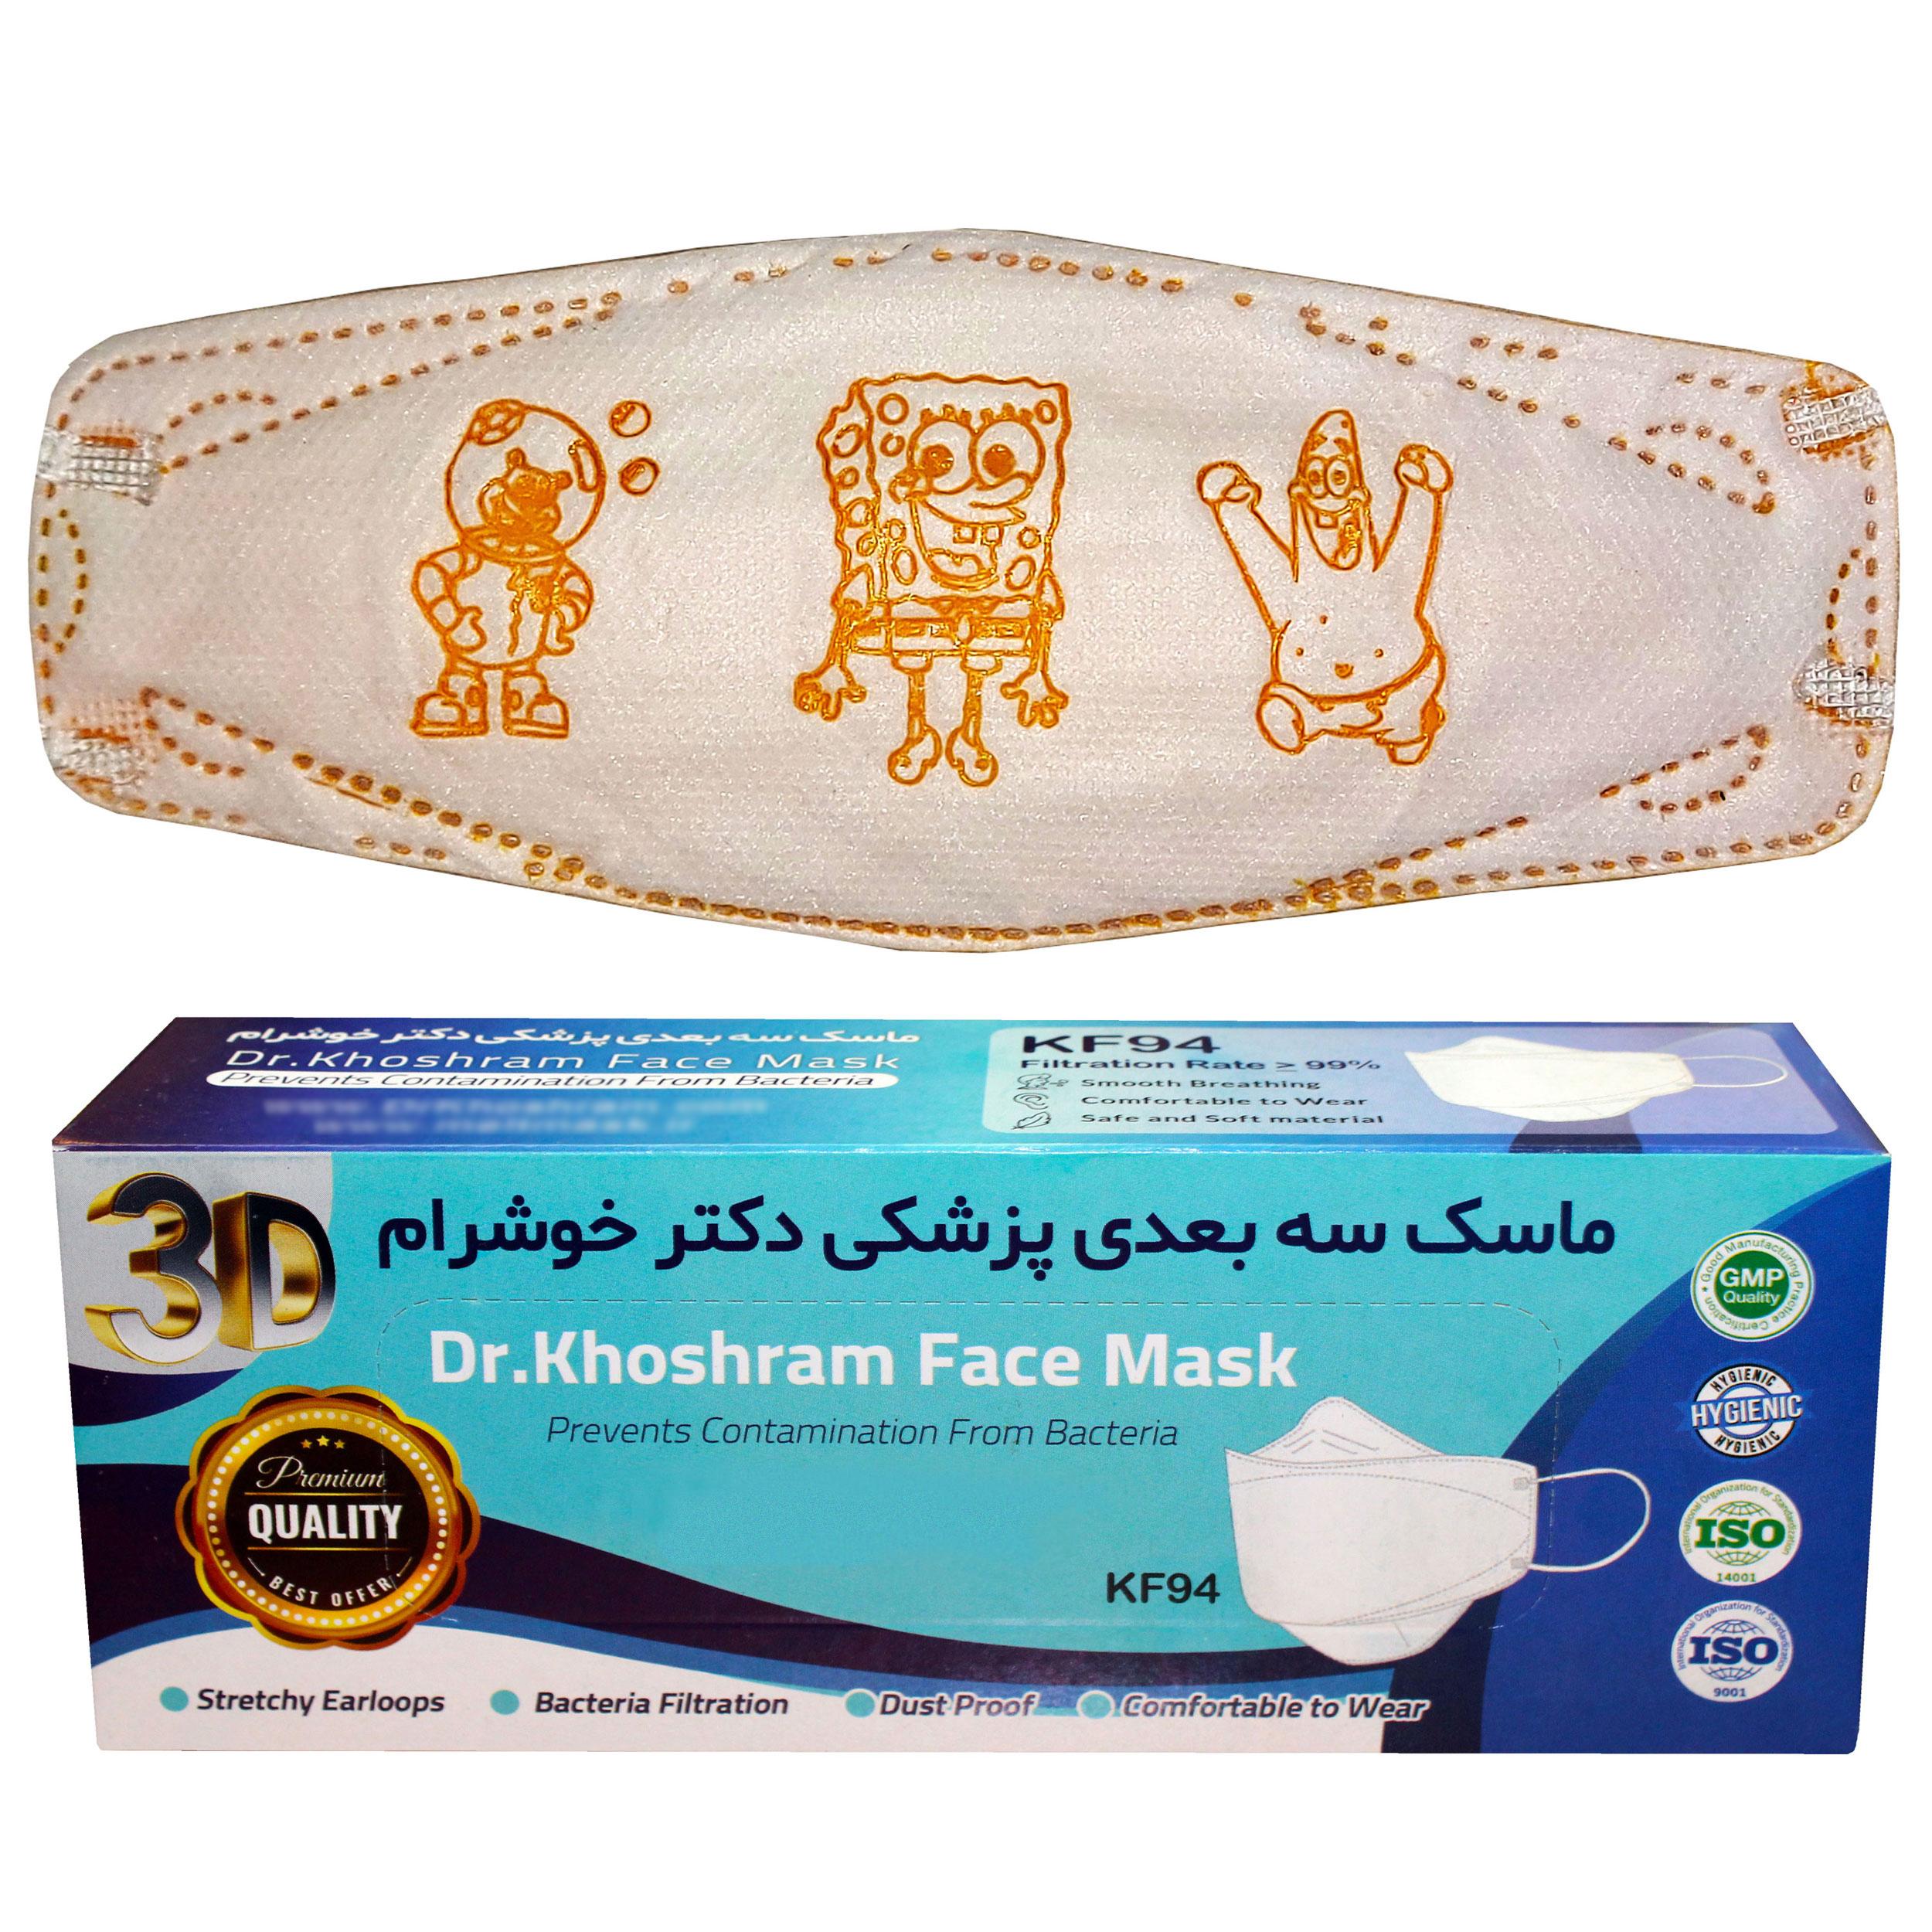 ماسک تنفسی دکترخوشرام مدل باب اسفنجی بسته 20 عددی